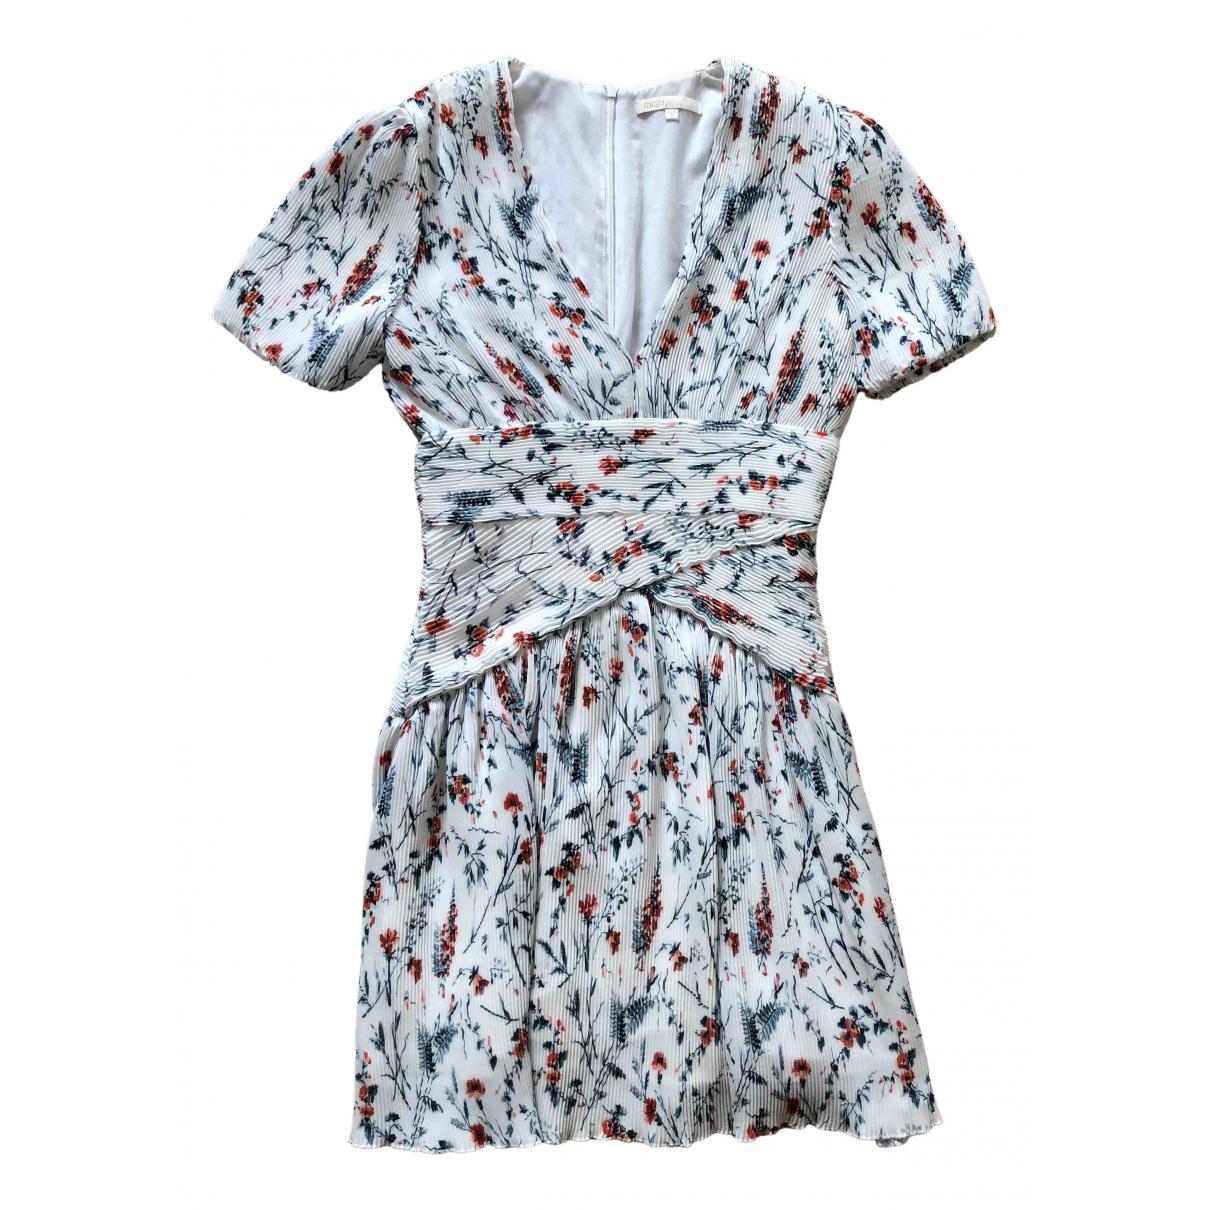 Maje \N White dress for Women 36 FR